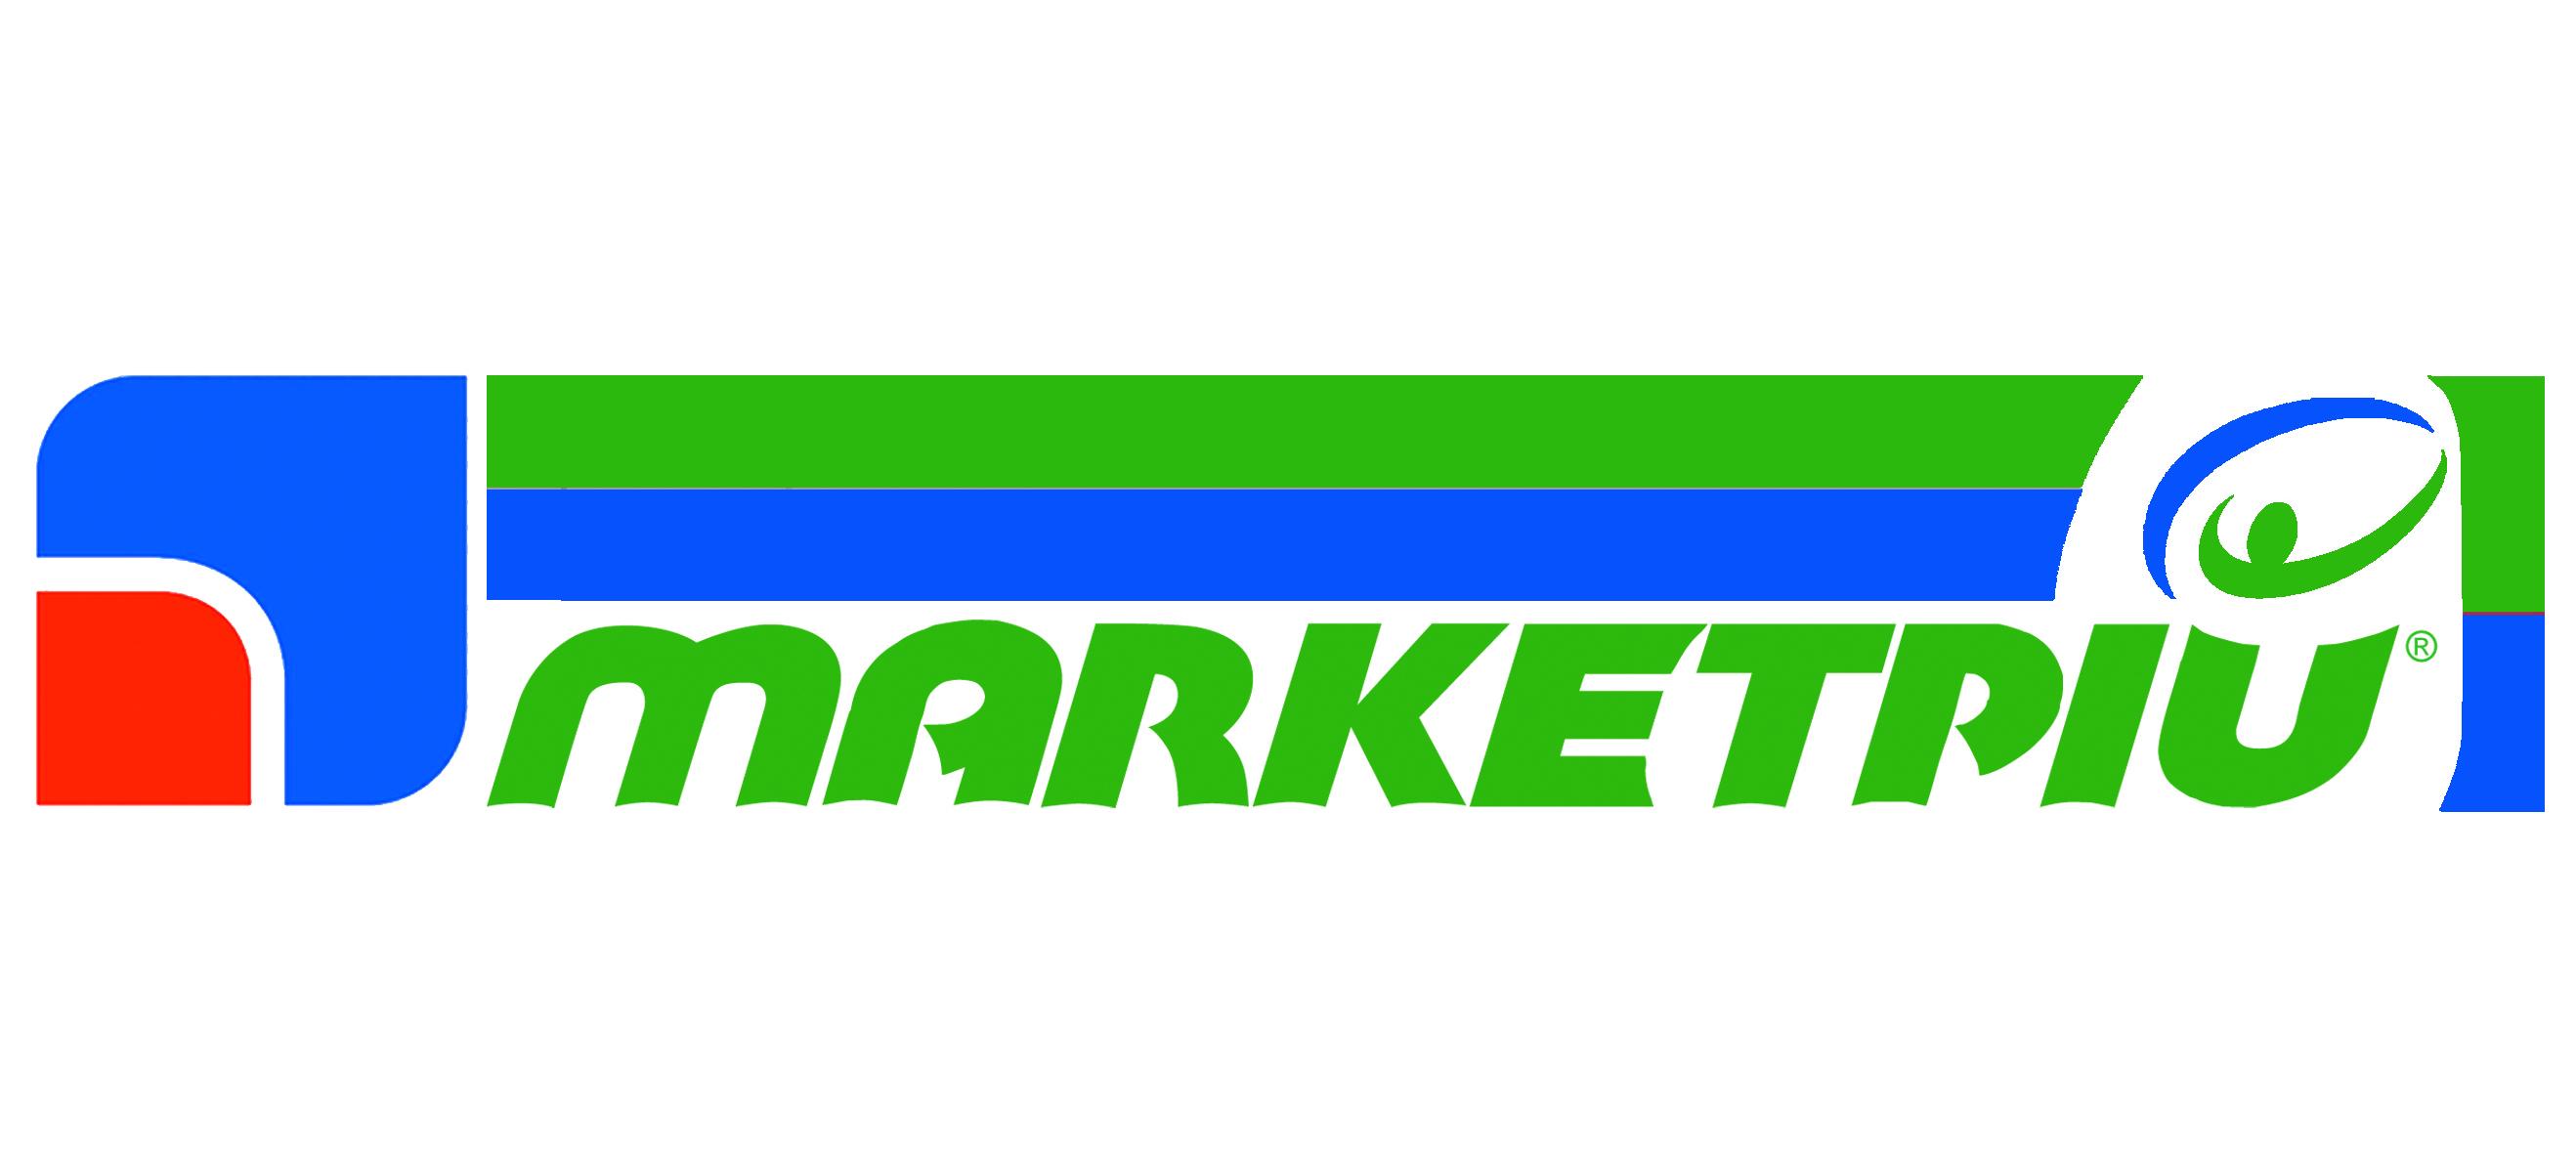 Logo Marketpiù GDO (Grande Distribuzione Organizzata)